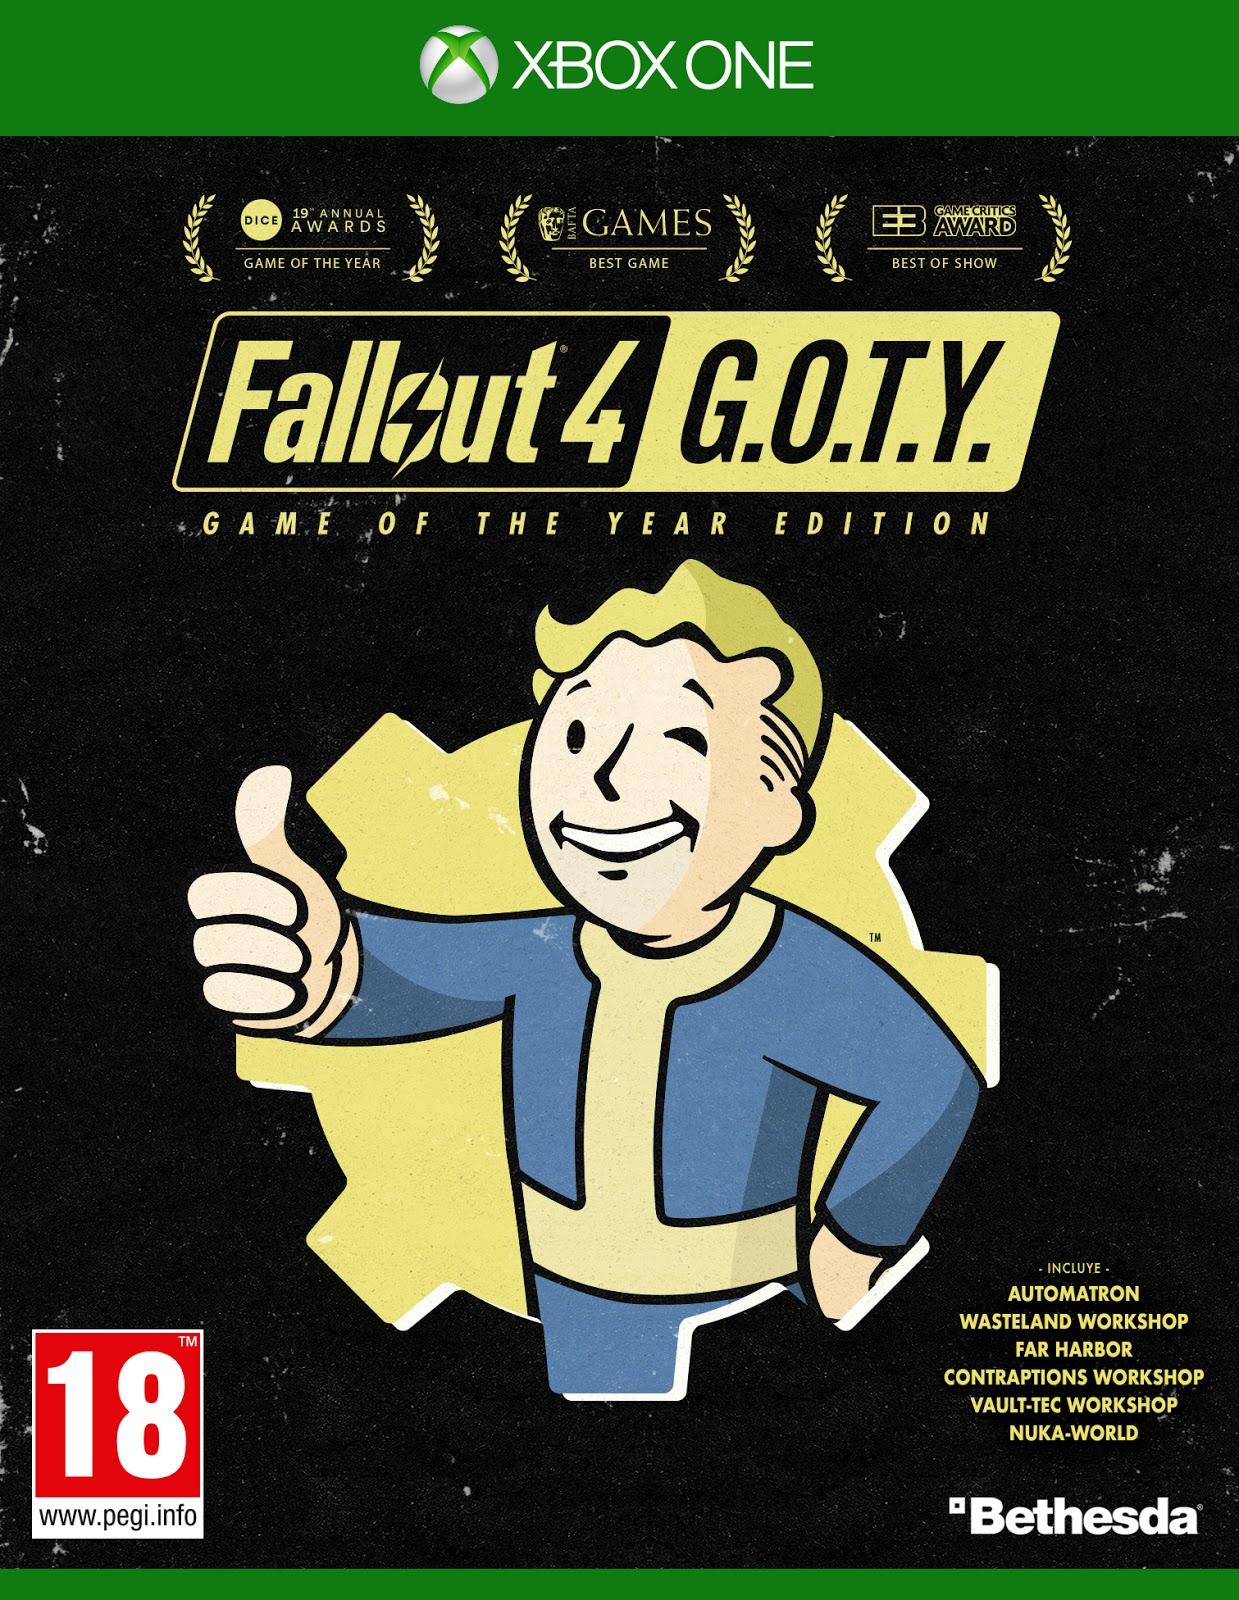 Se anuncia edición GOTY de Fallout 4 para el 26 de septiembre